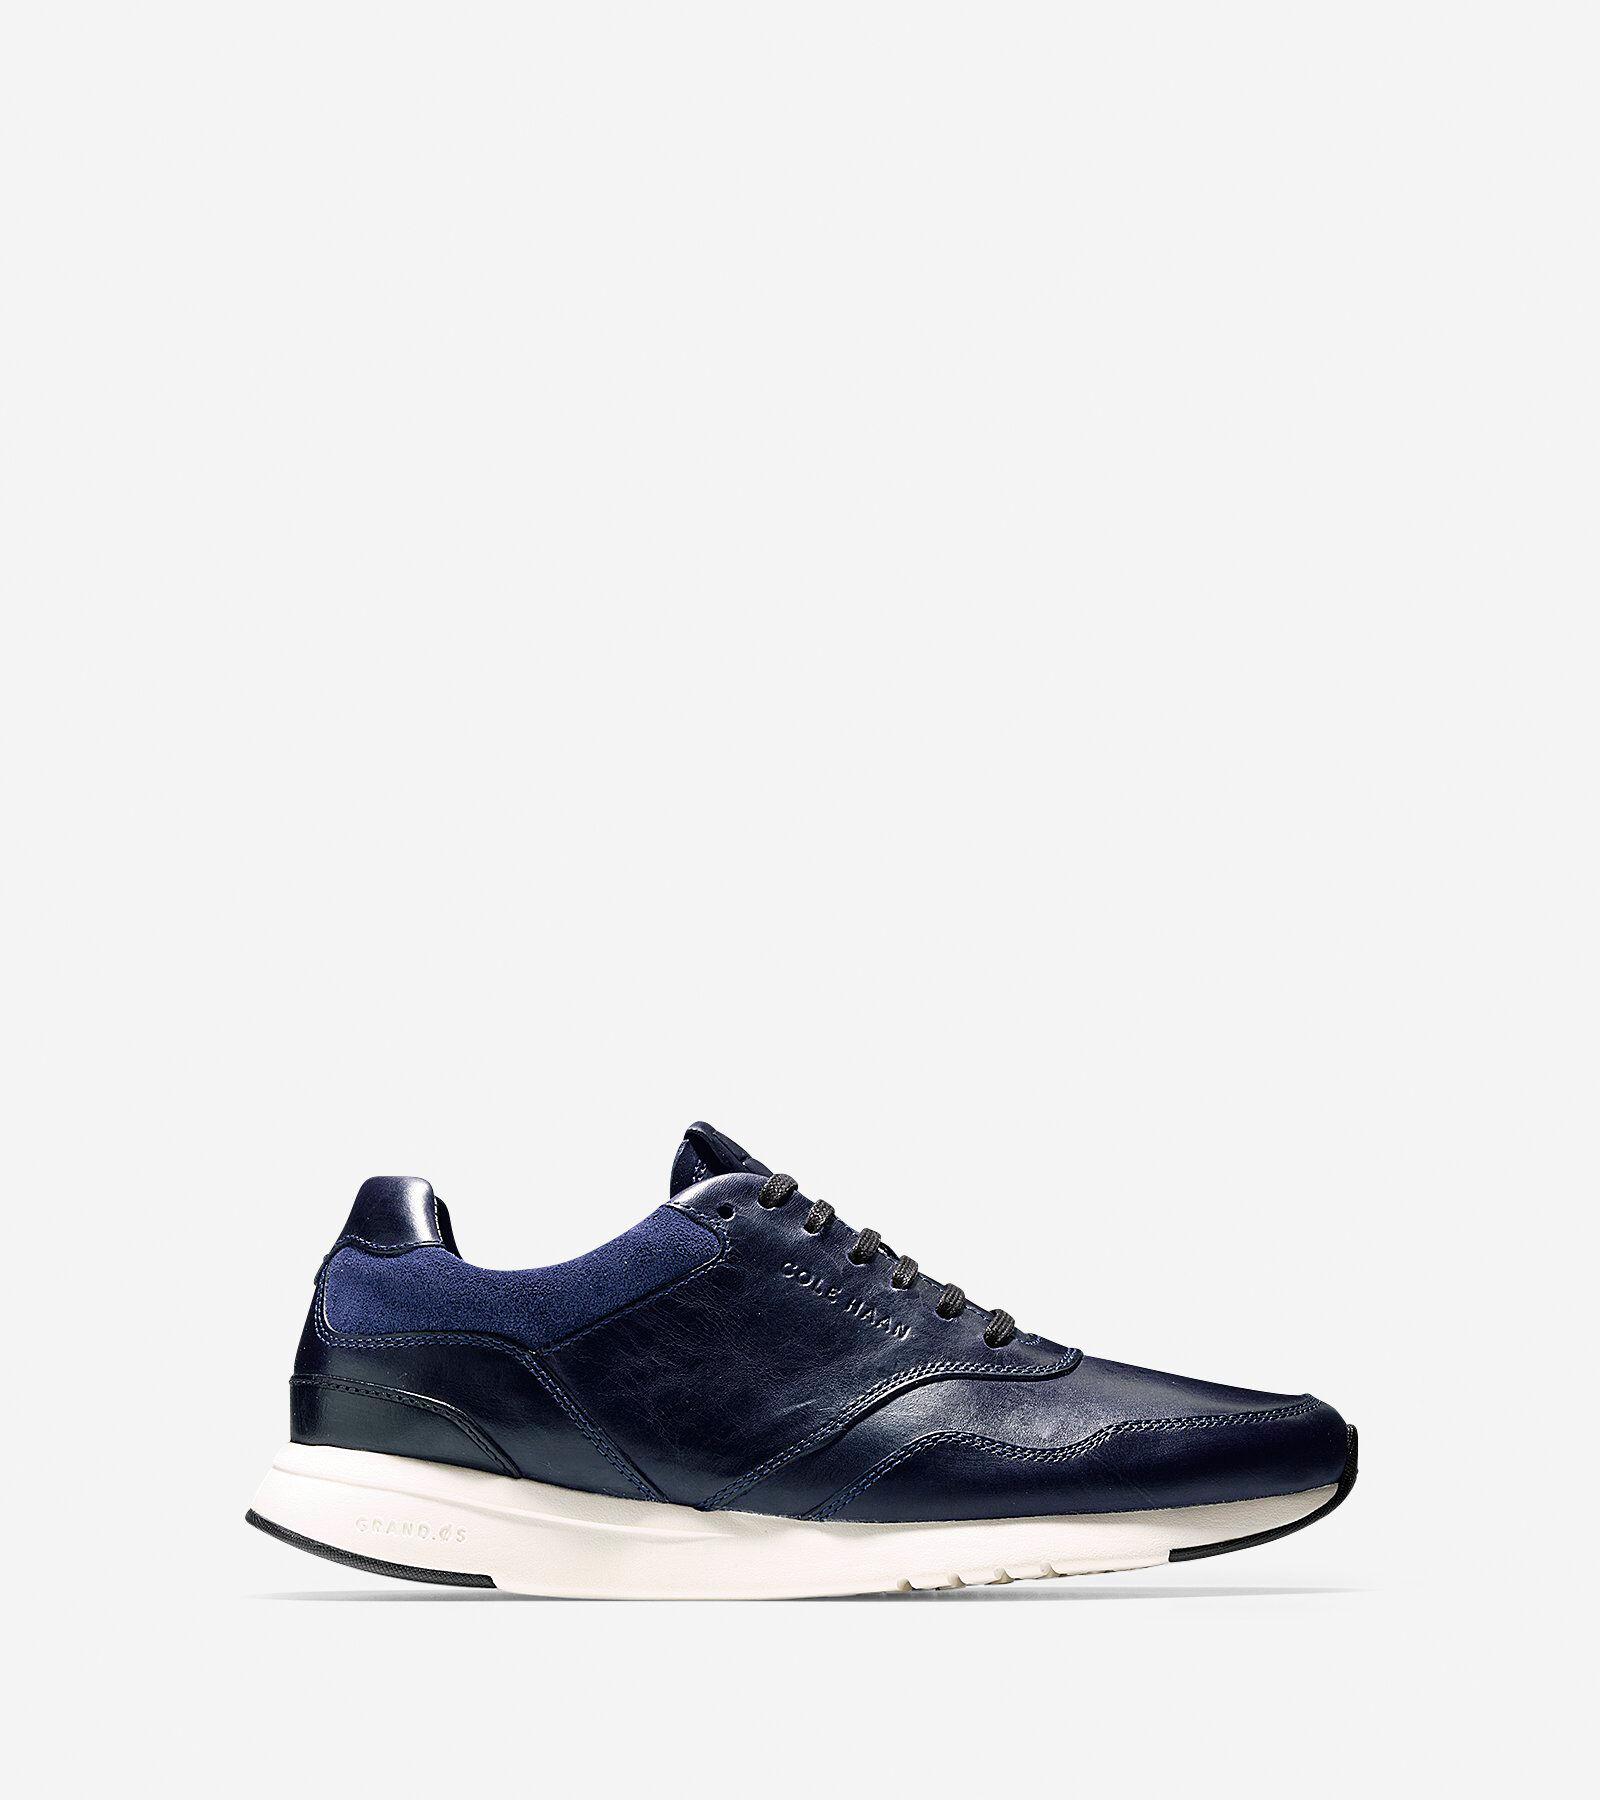 Cole Haan GrandPro Runner Leather Sneaker iw6TC